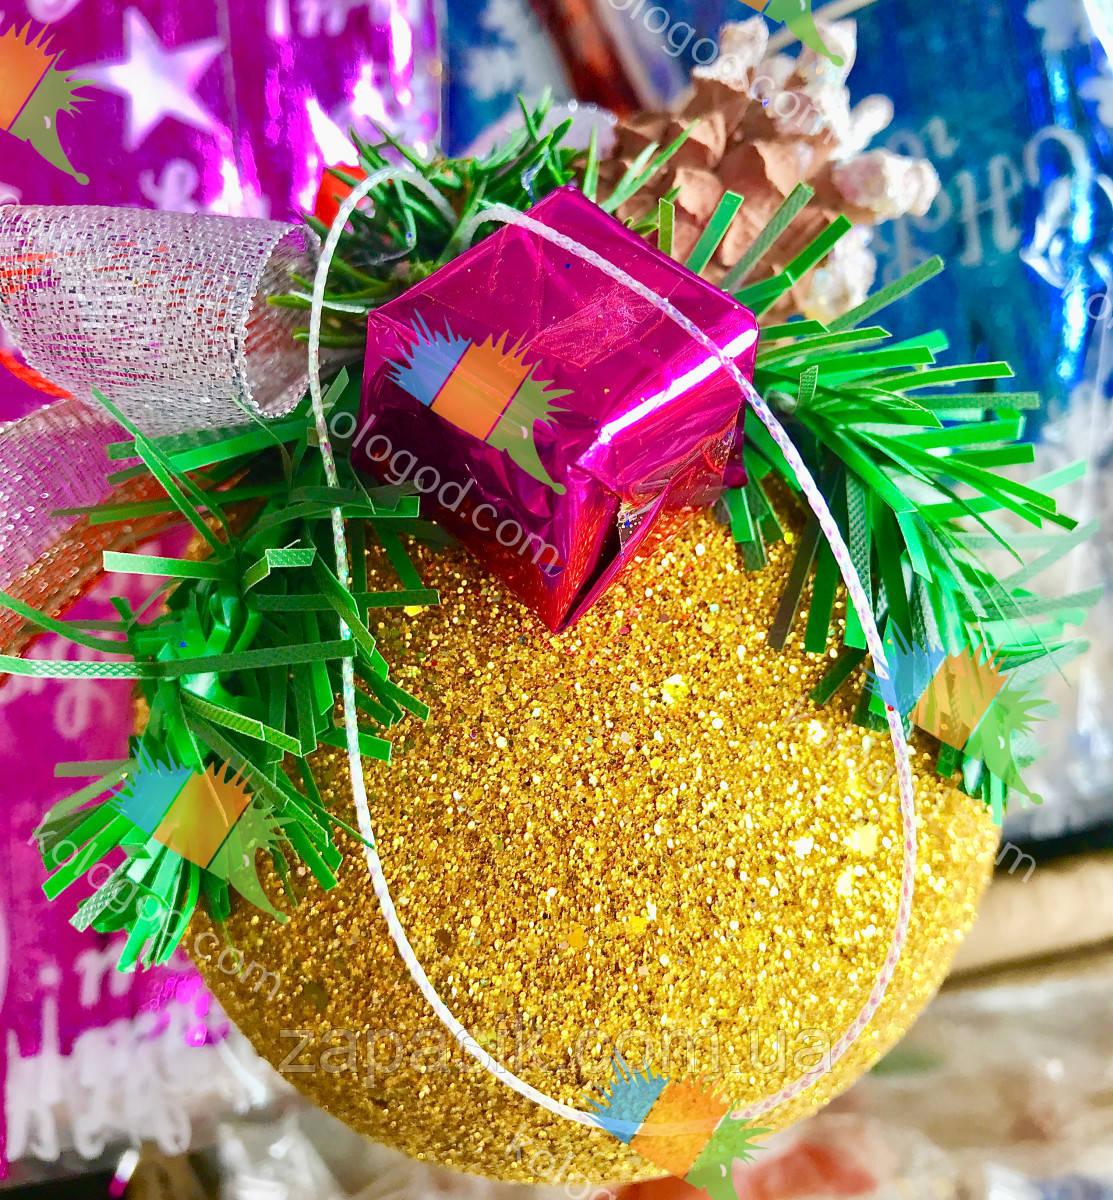 Елочная Игрушка Новогодний Шар Заснеженный с Шишкой Колокольчиком 7 см Цвета в Ассортименте